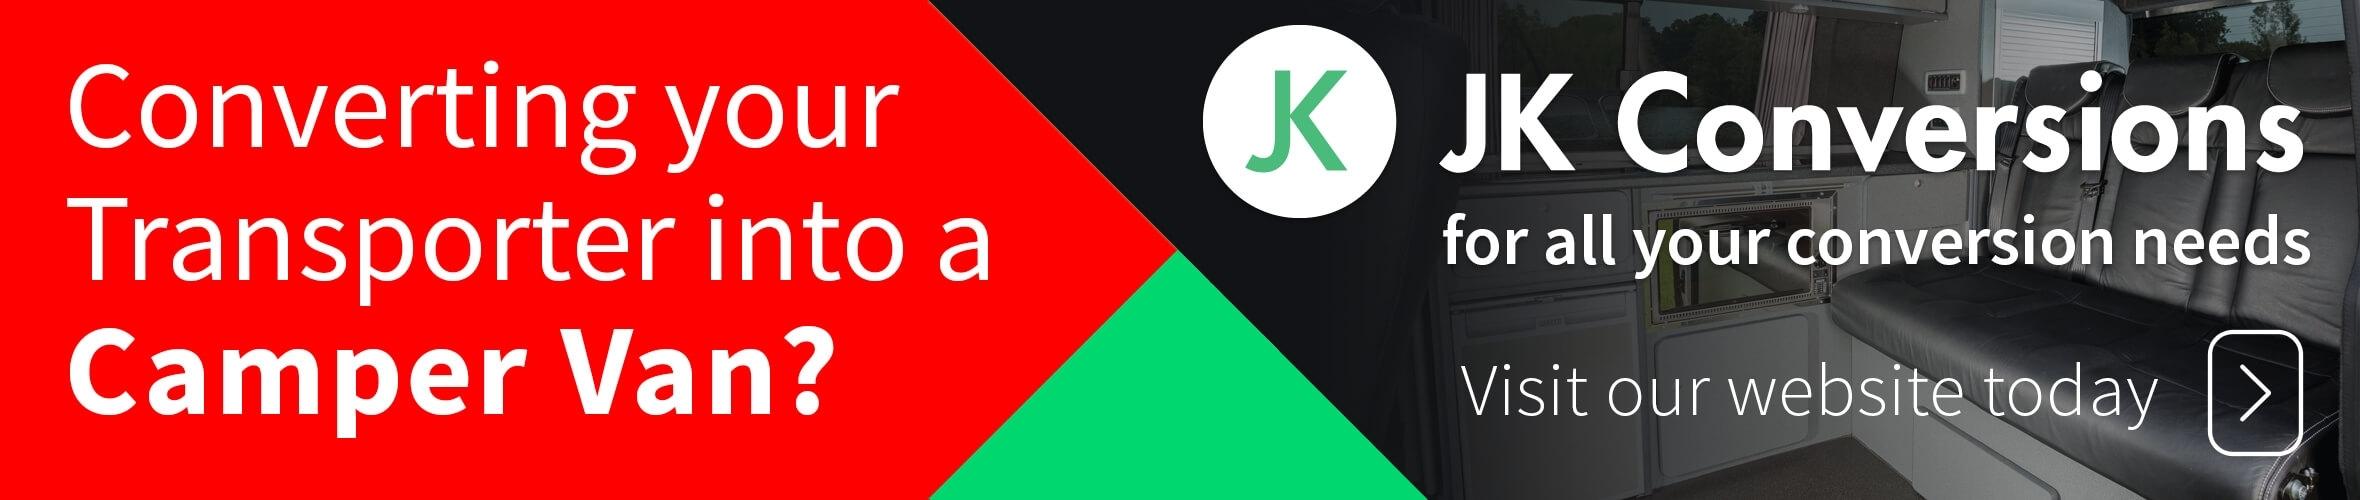 JK Conversions